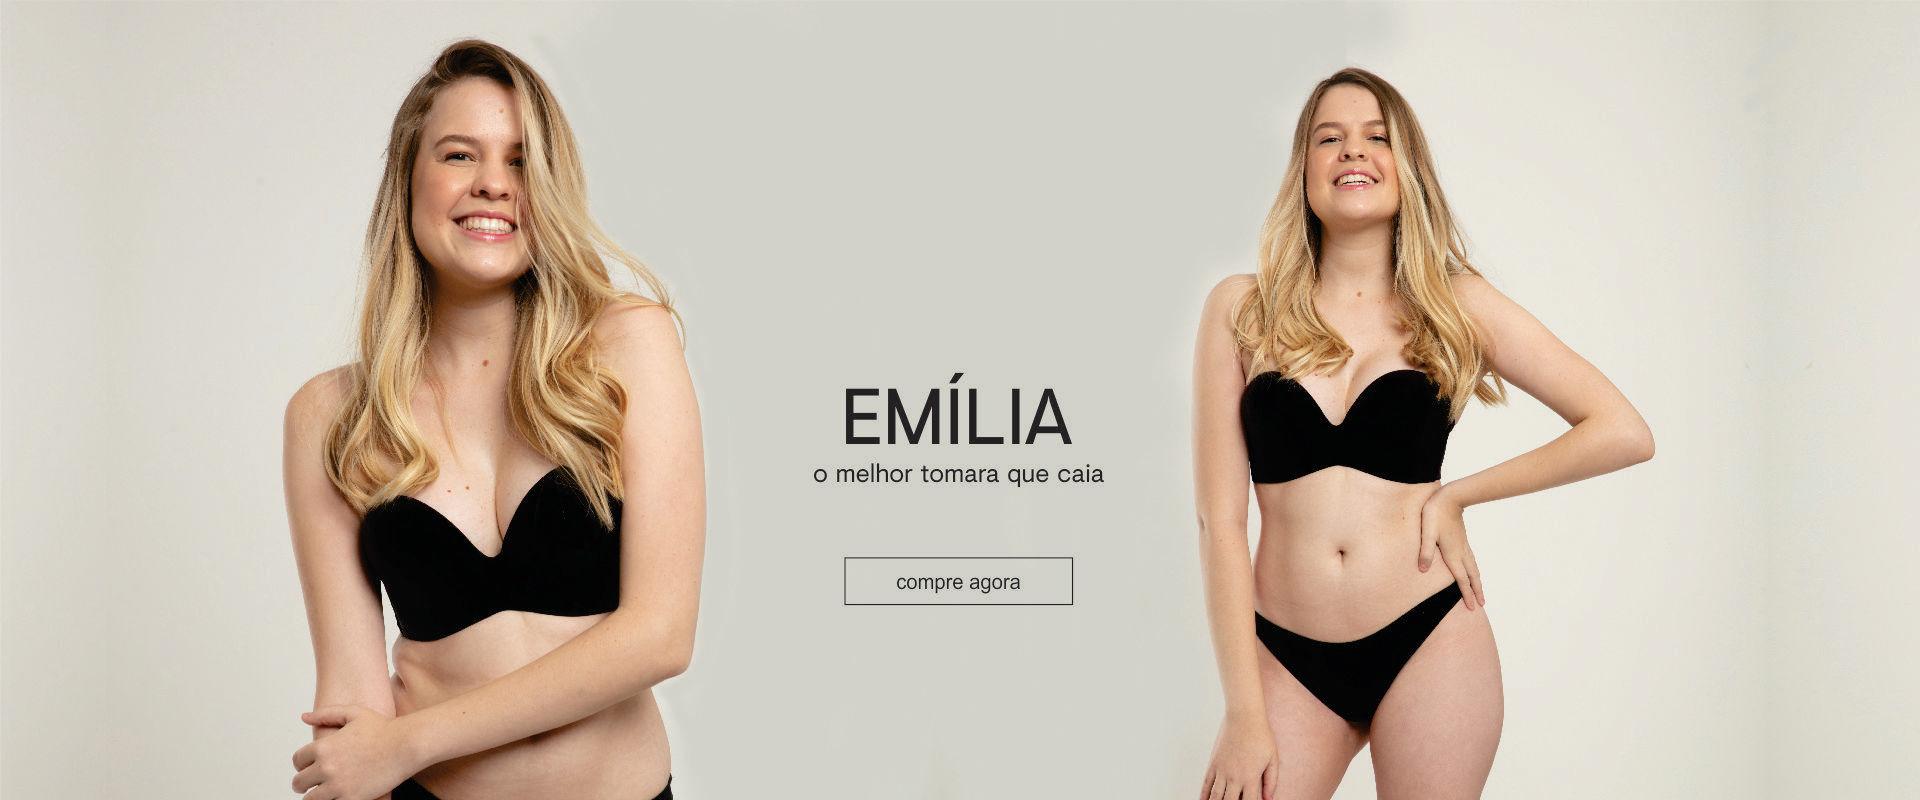 EMILIA 159LAURA